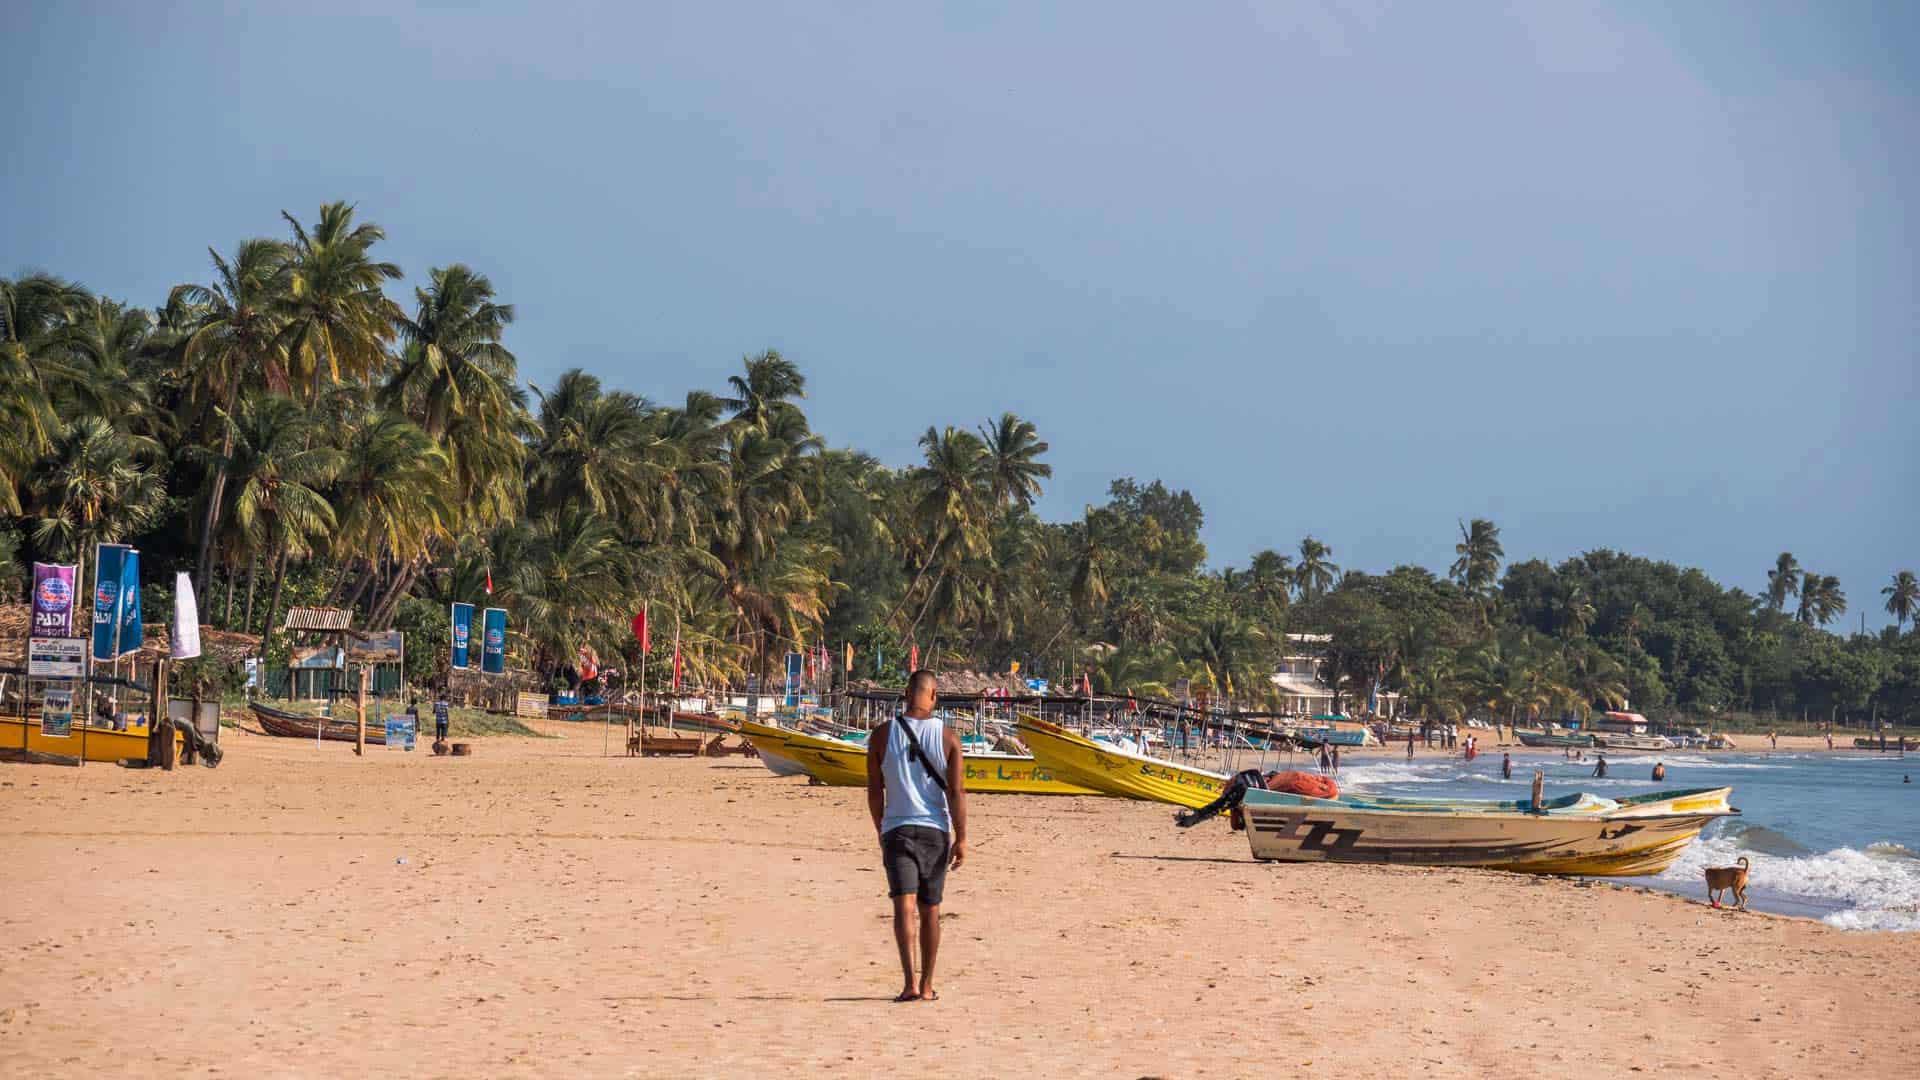 uppuveli-beach-trincomalee-sri-lanka